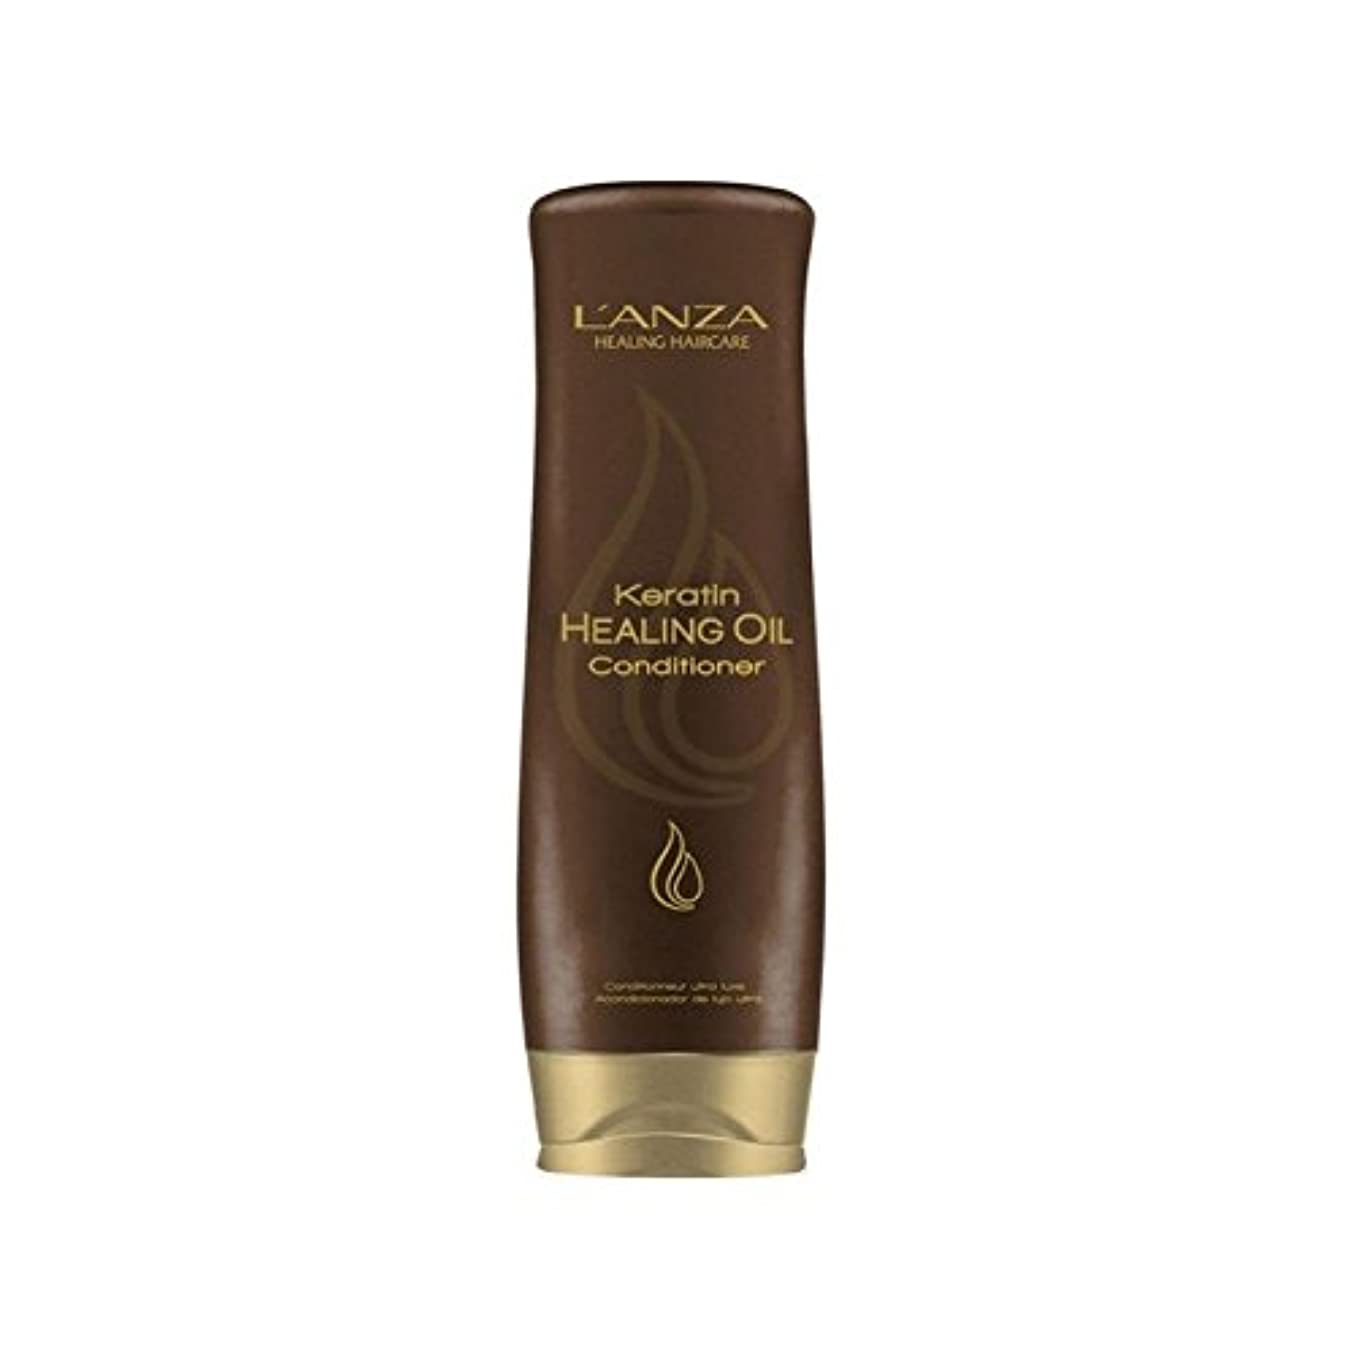 麦芽経営者曖昧なアンザケラチンオイルコンディショナー(250ミリリットル)を癒し x4 - L'Anza Keratin Healing Oil Conditioner (250ml) (Pack of 4) [並行輸入品]